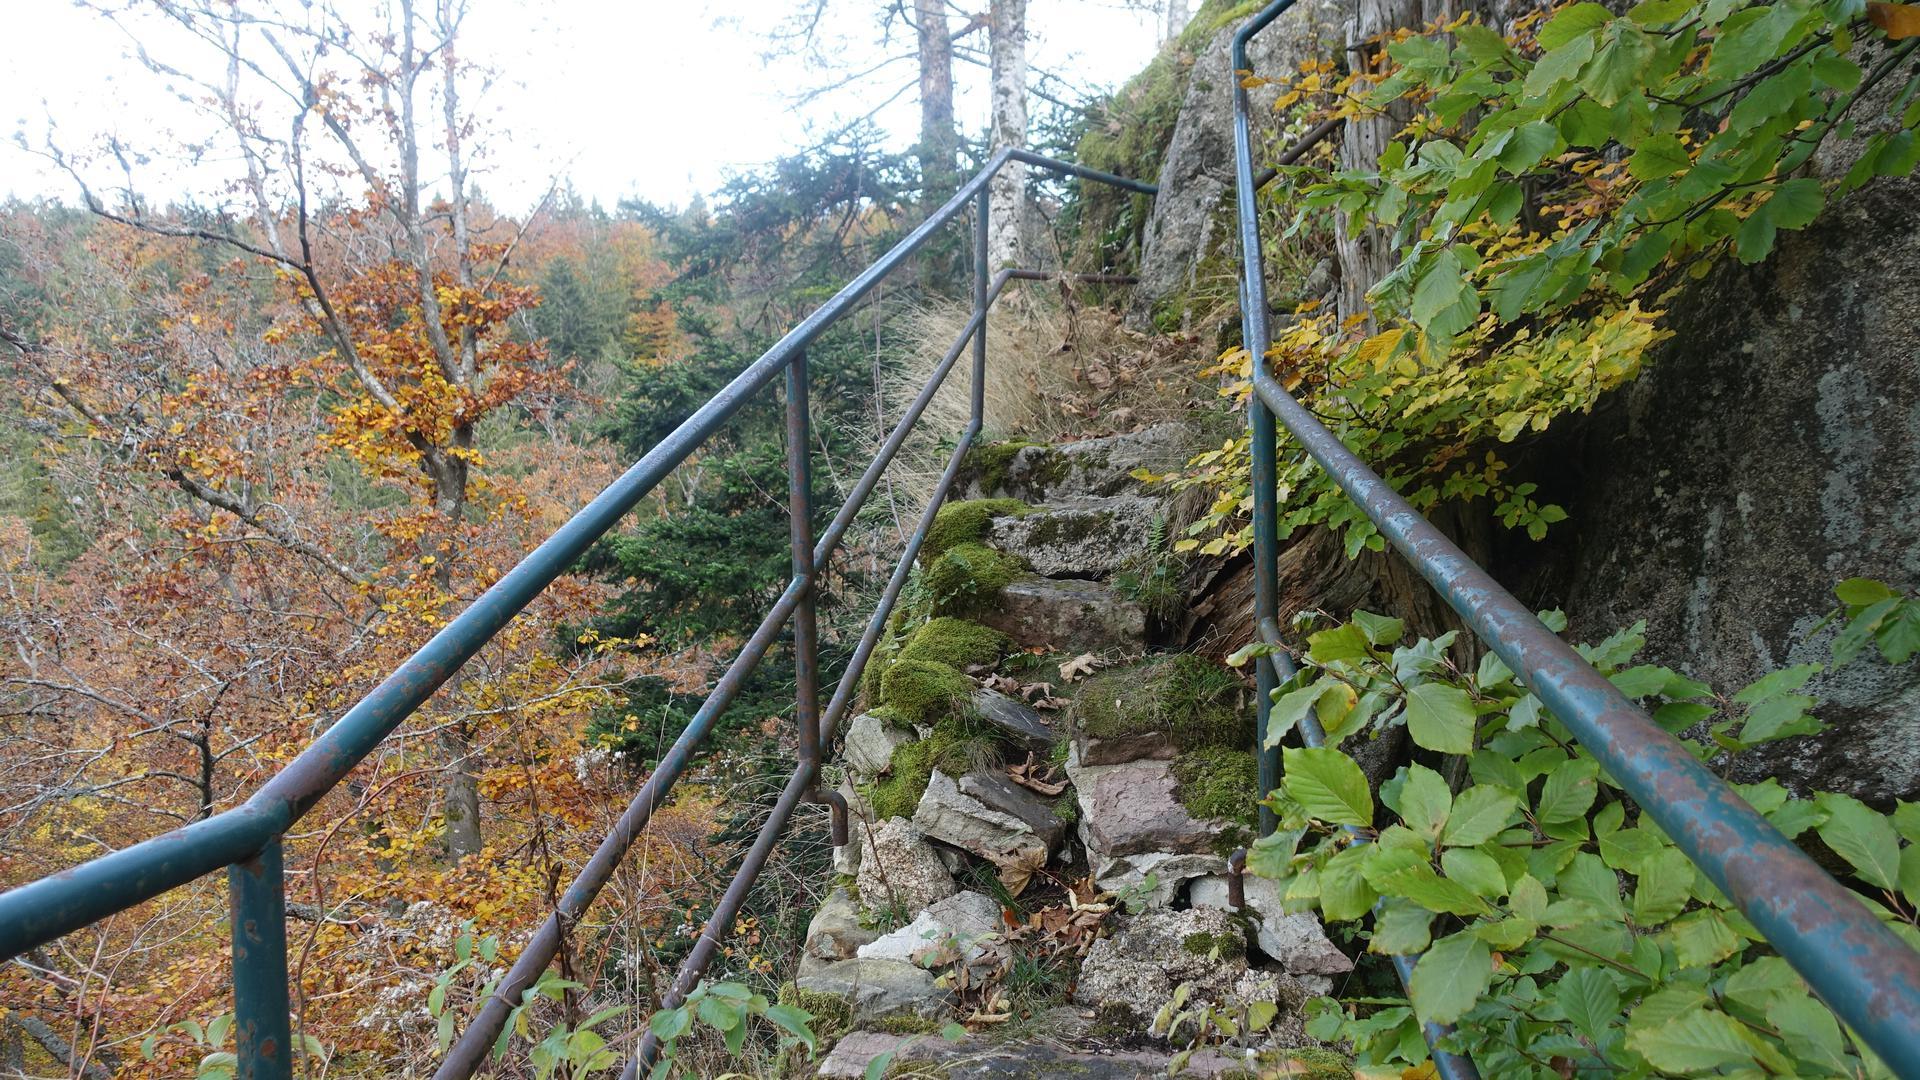 Treppe auf einen Felsen mitten im Wald.